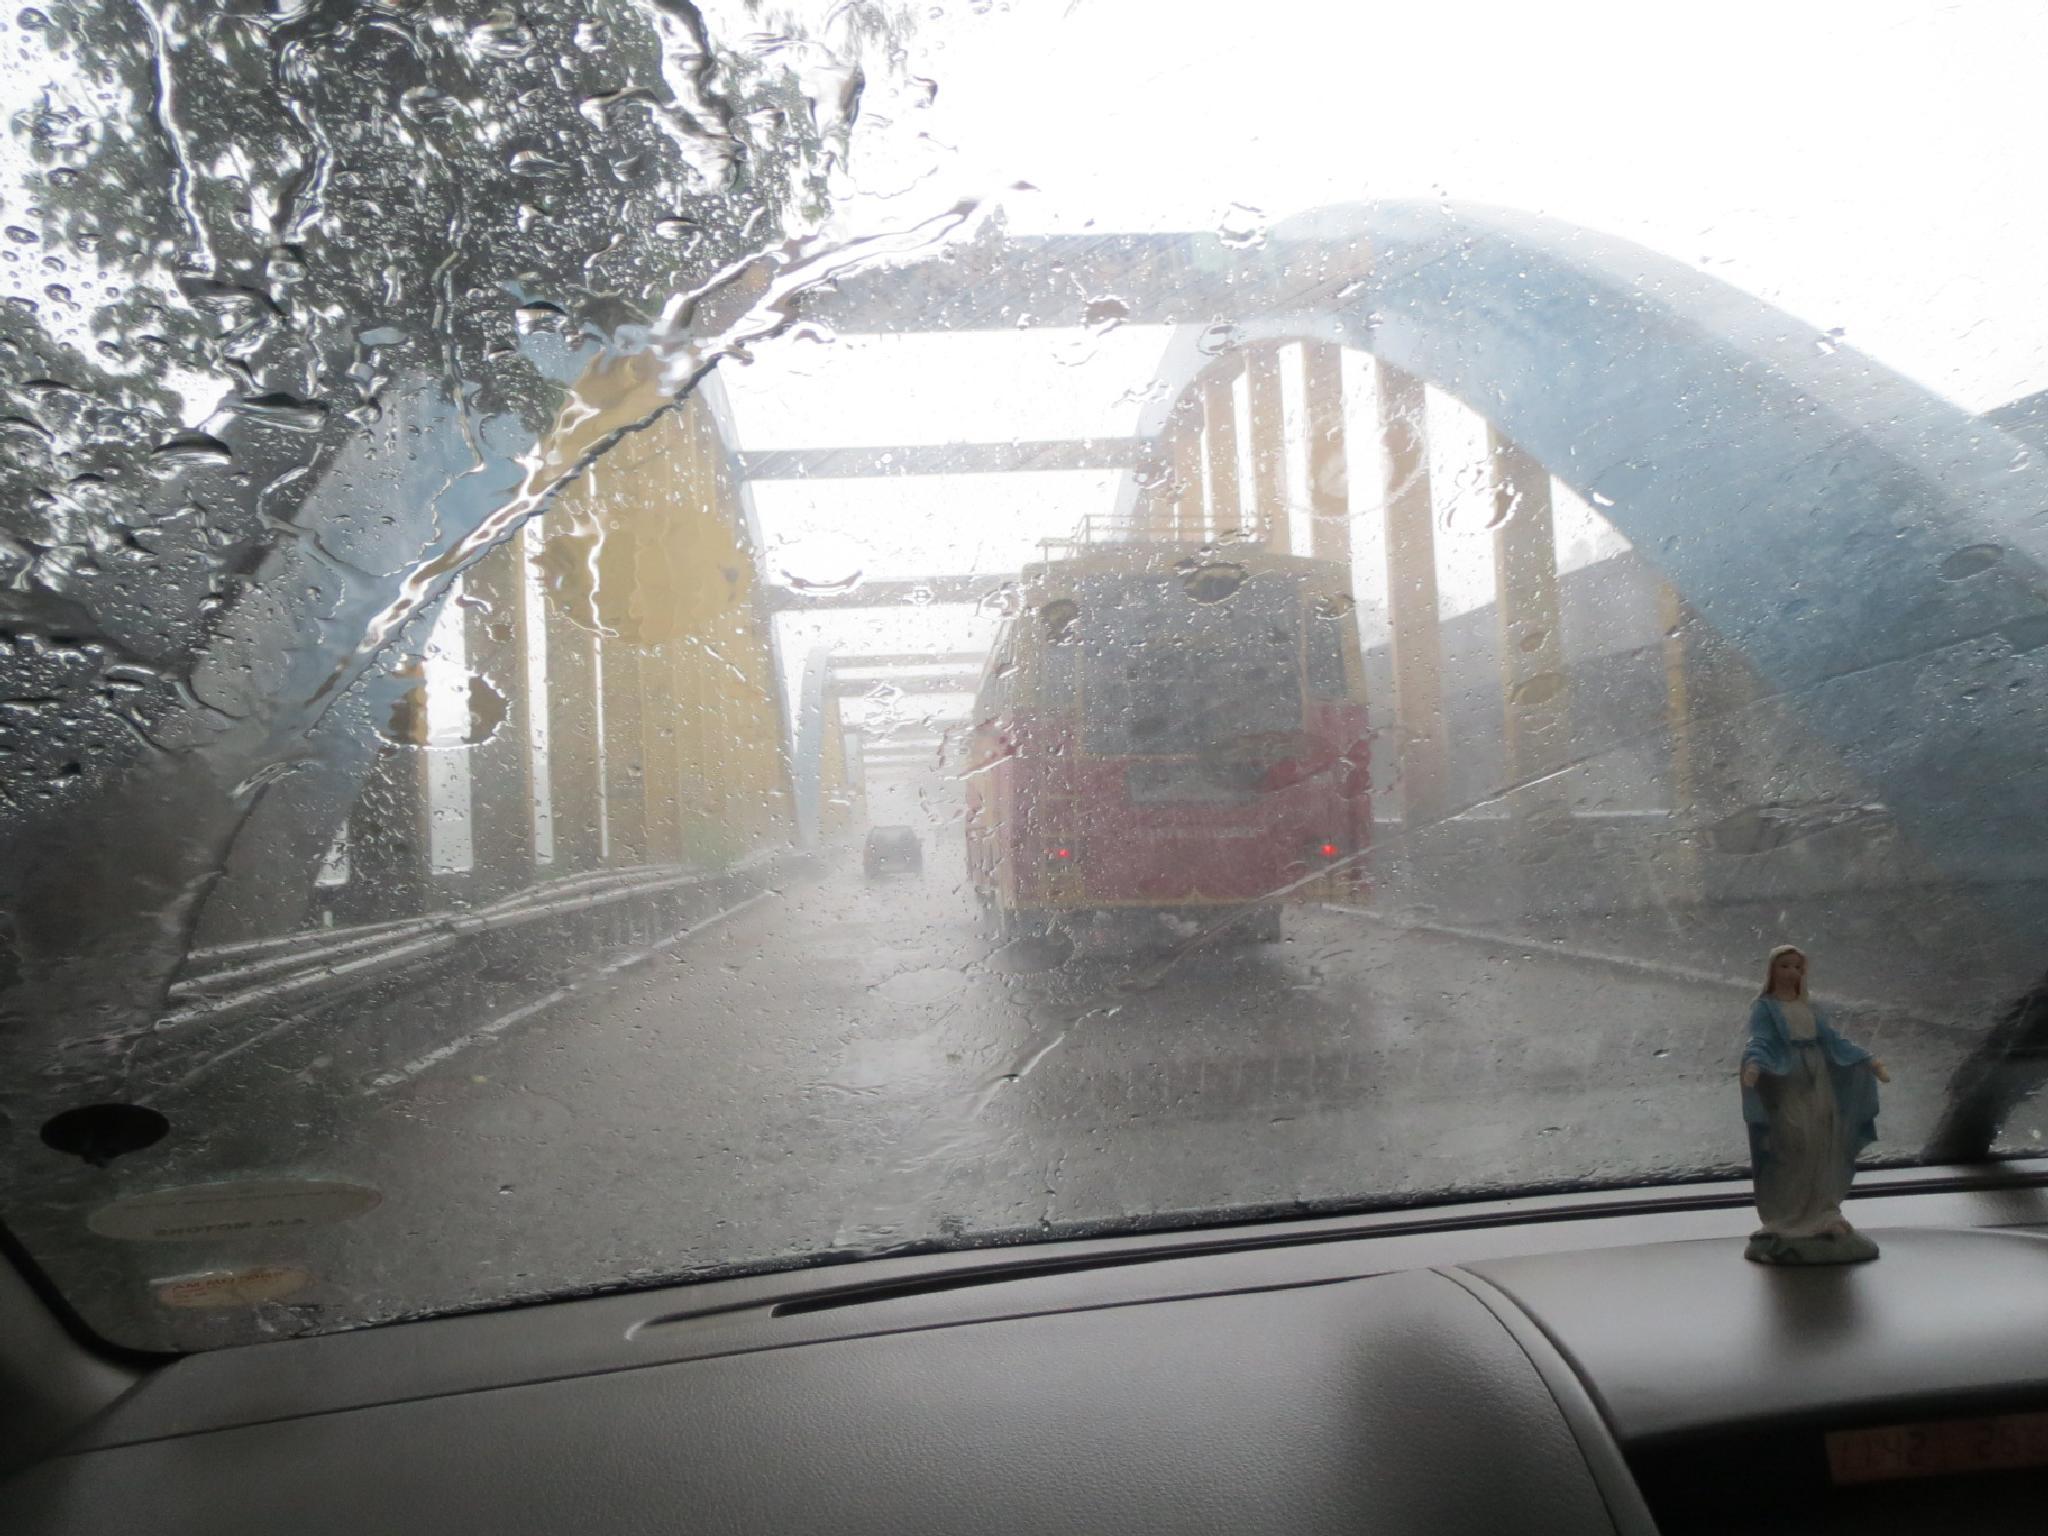 its rainy. by eapenthomas2